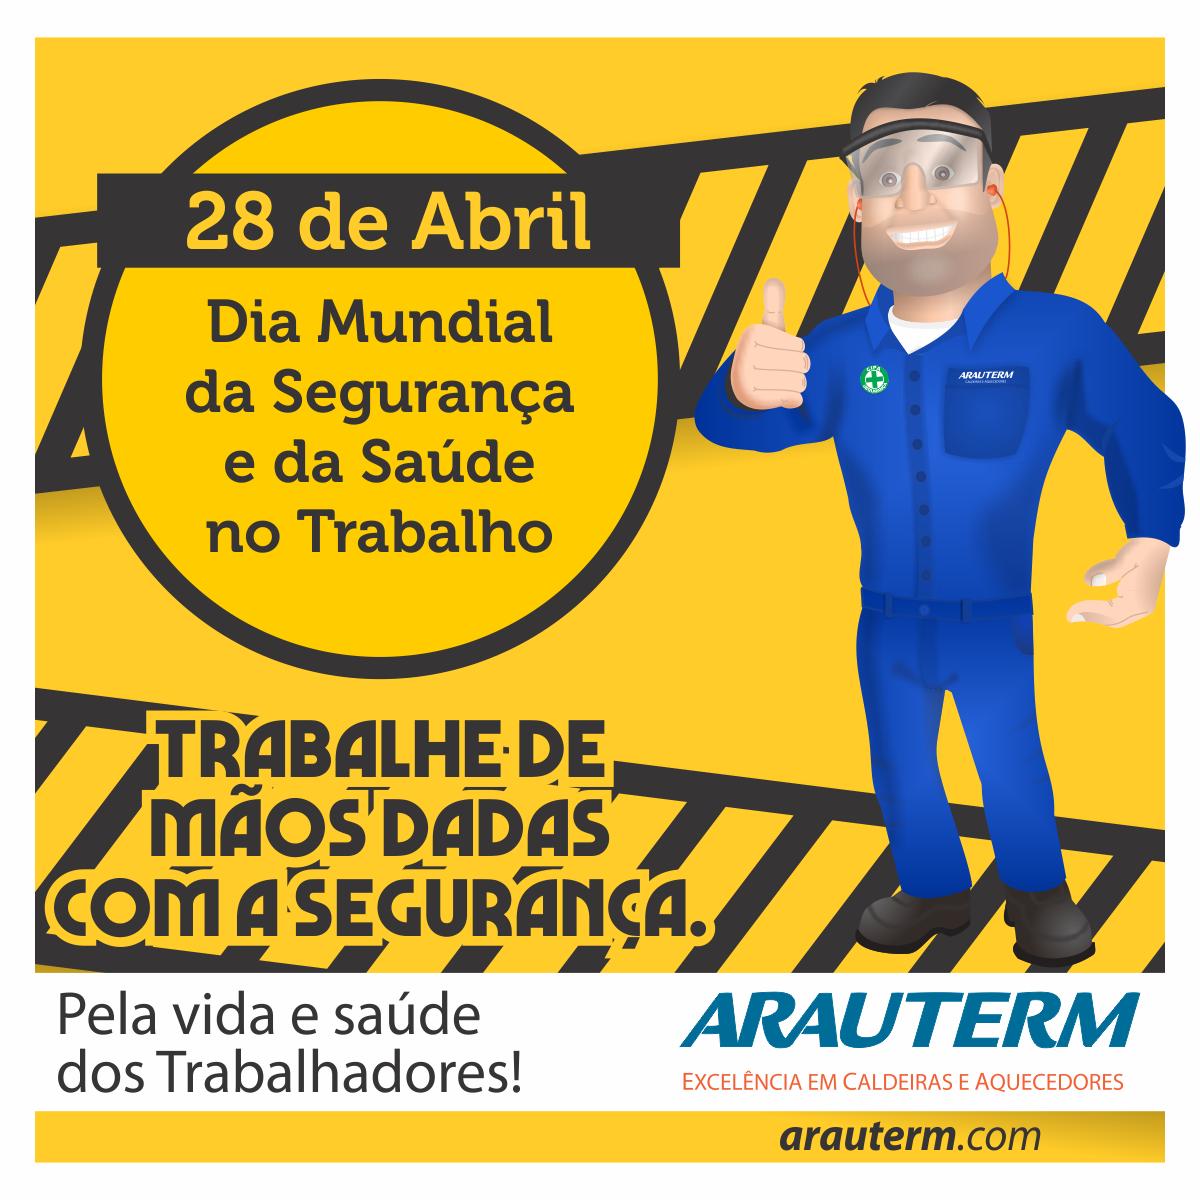 28/04 - Dia Mundial da Segurança e da Saúde no Trabalho